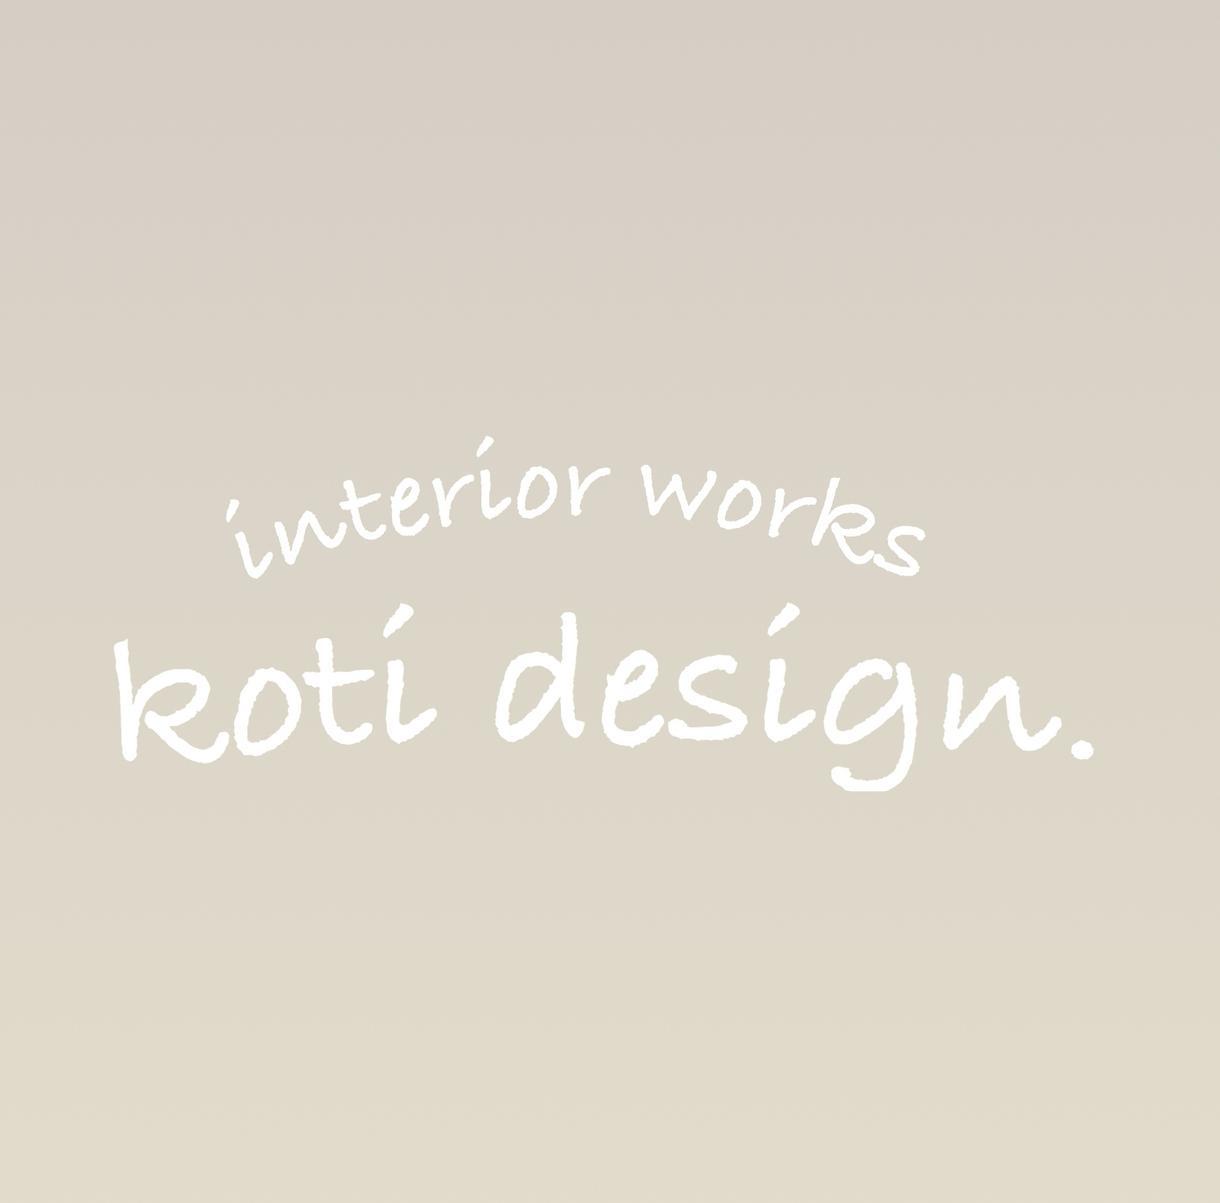 インテリアデザイナーが温かいデザインをします イメージに合わせて作る♪おしゃかわショップロゴマーク